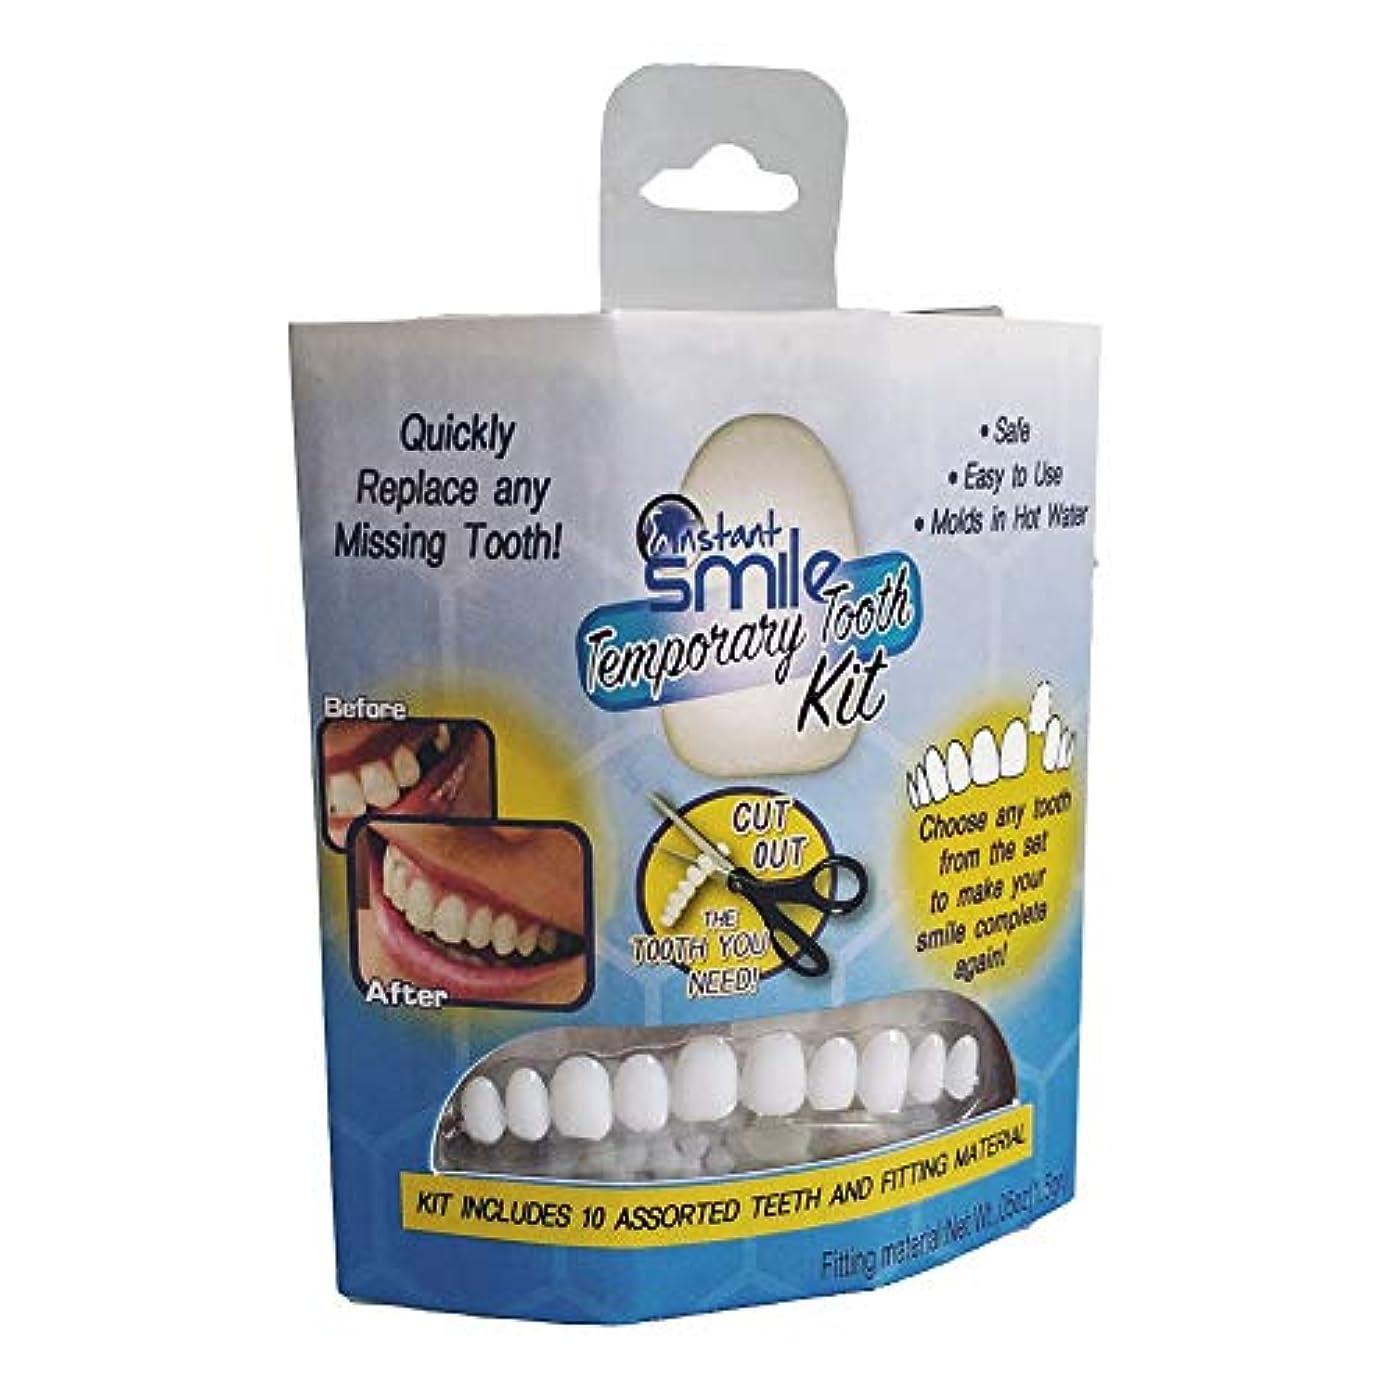 不快ひばりフリッパーLITI 歯のソケット 美容義歯 入れ歯 歯のカバー テンポラリートゥースキット シリコーンのシミュレーションの歯科用義歯を白くする上下の歯の模擬装具 歯ホワイトニング 義歯貼り付け偽歯アッパー化粧品突き板